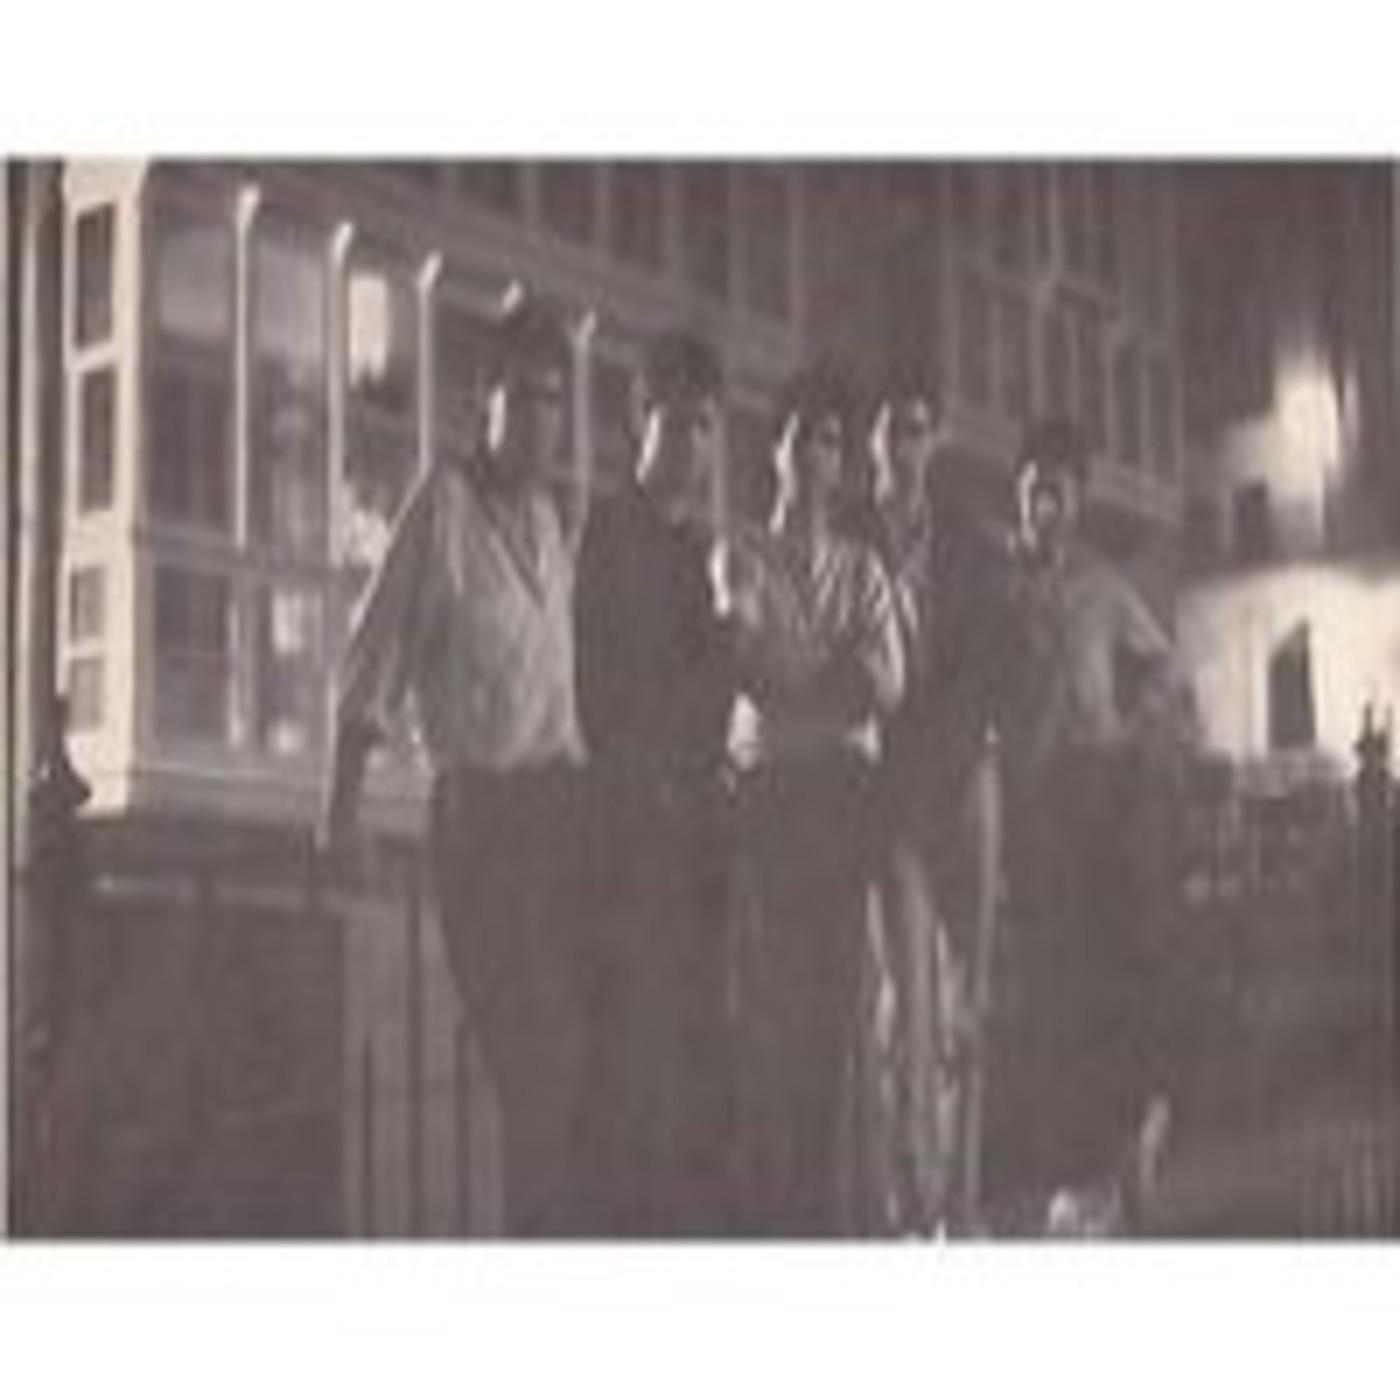 La Noche, 1986